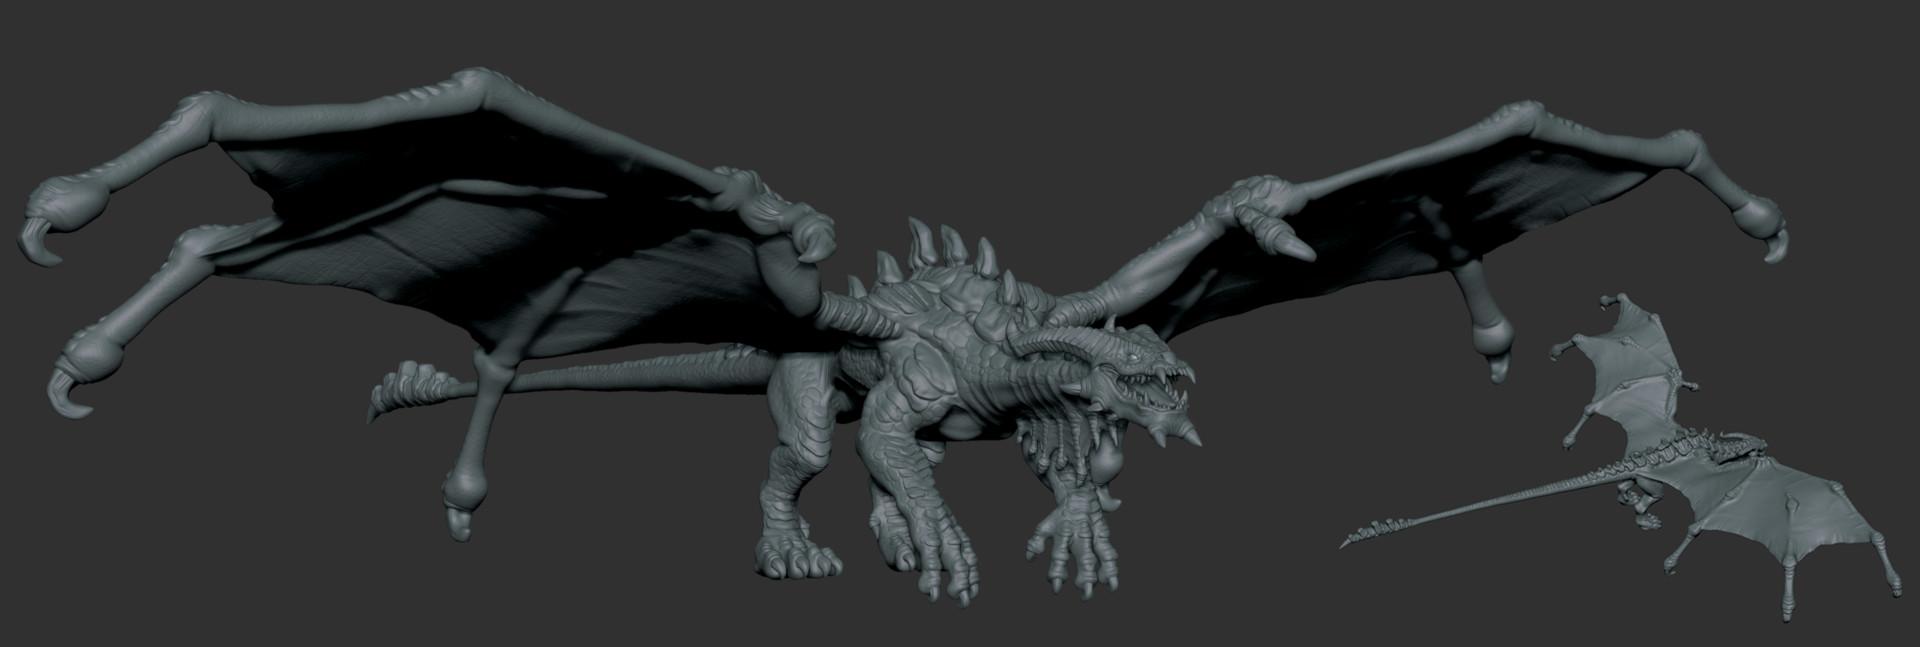 Scott kletzka scott kletzka dragon 3